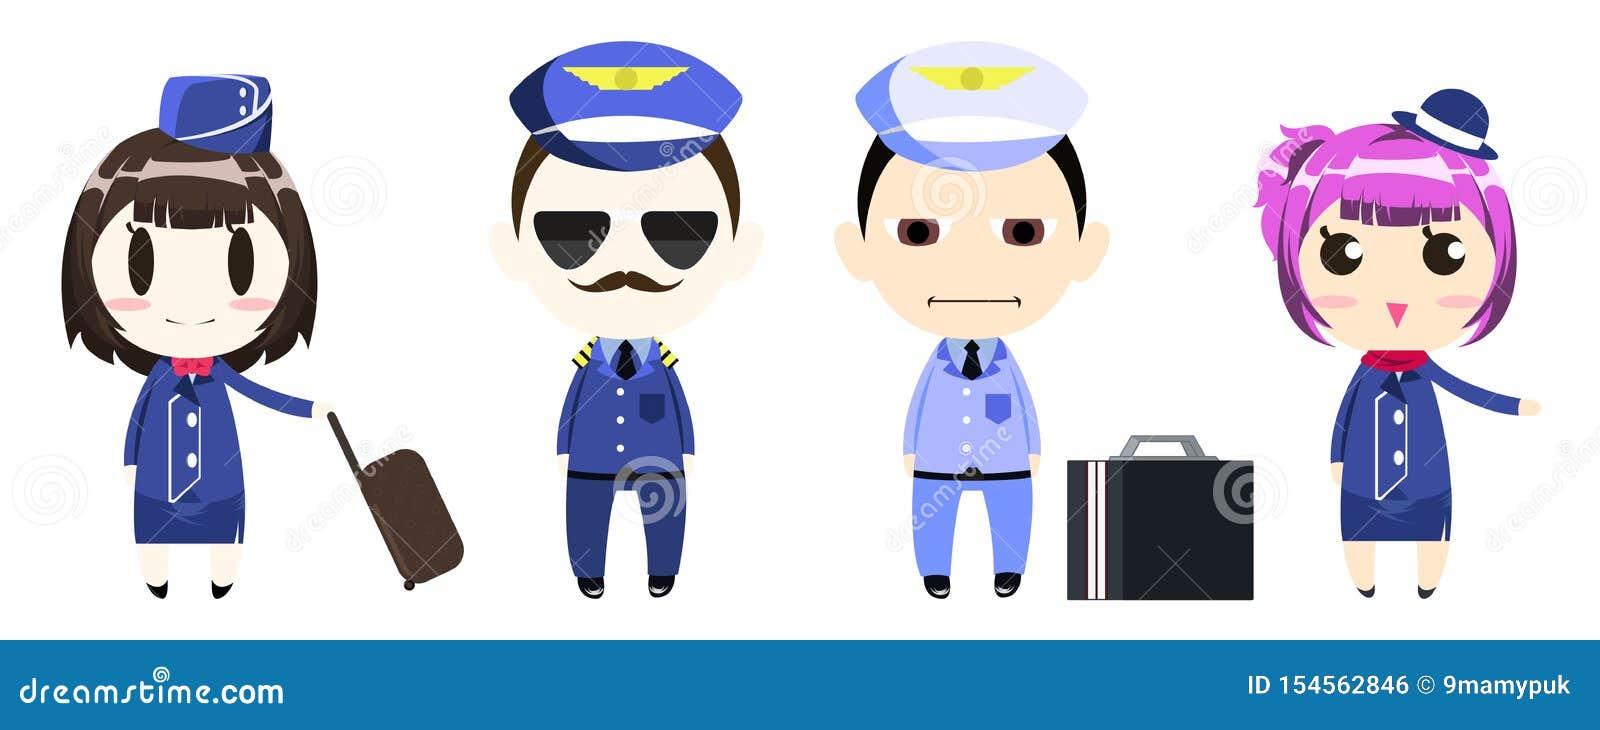 Piloto, capitán, equipo y azafata en personaje de dibujos animados uniforme